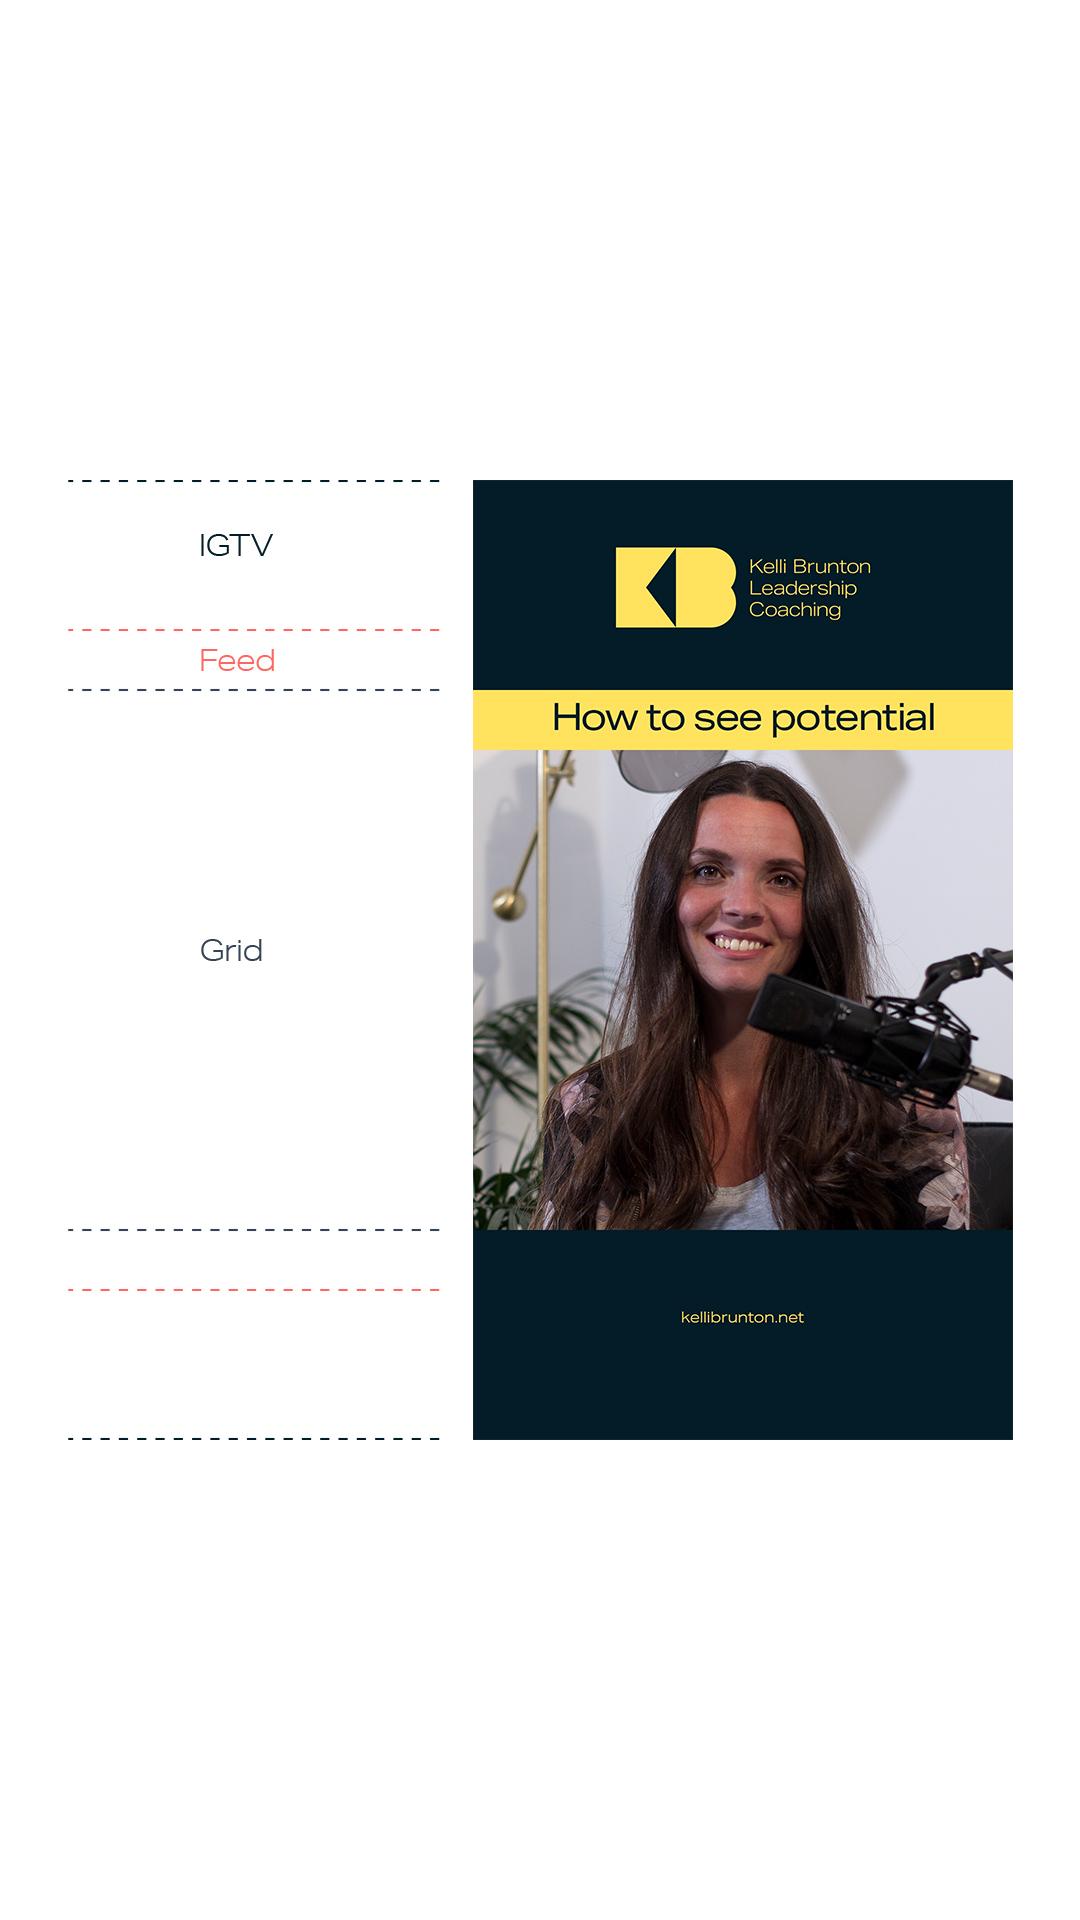 KBLC IGTV